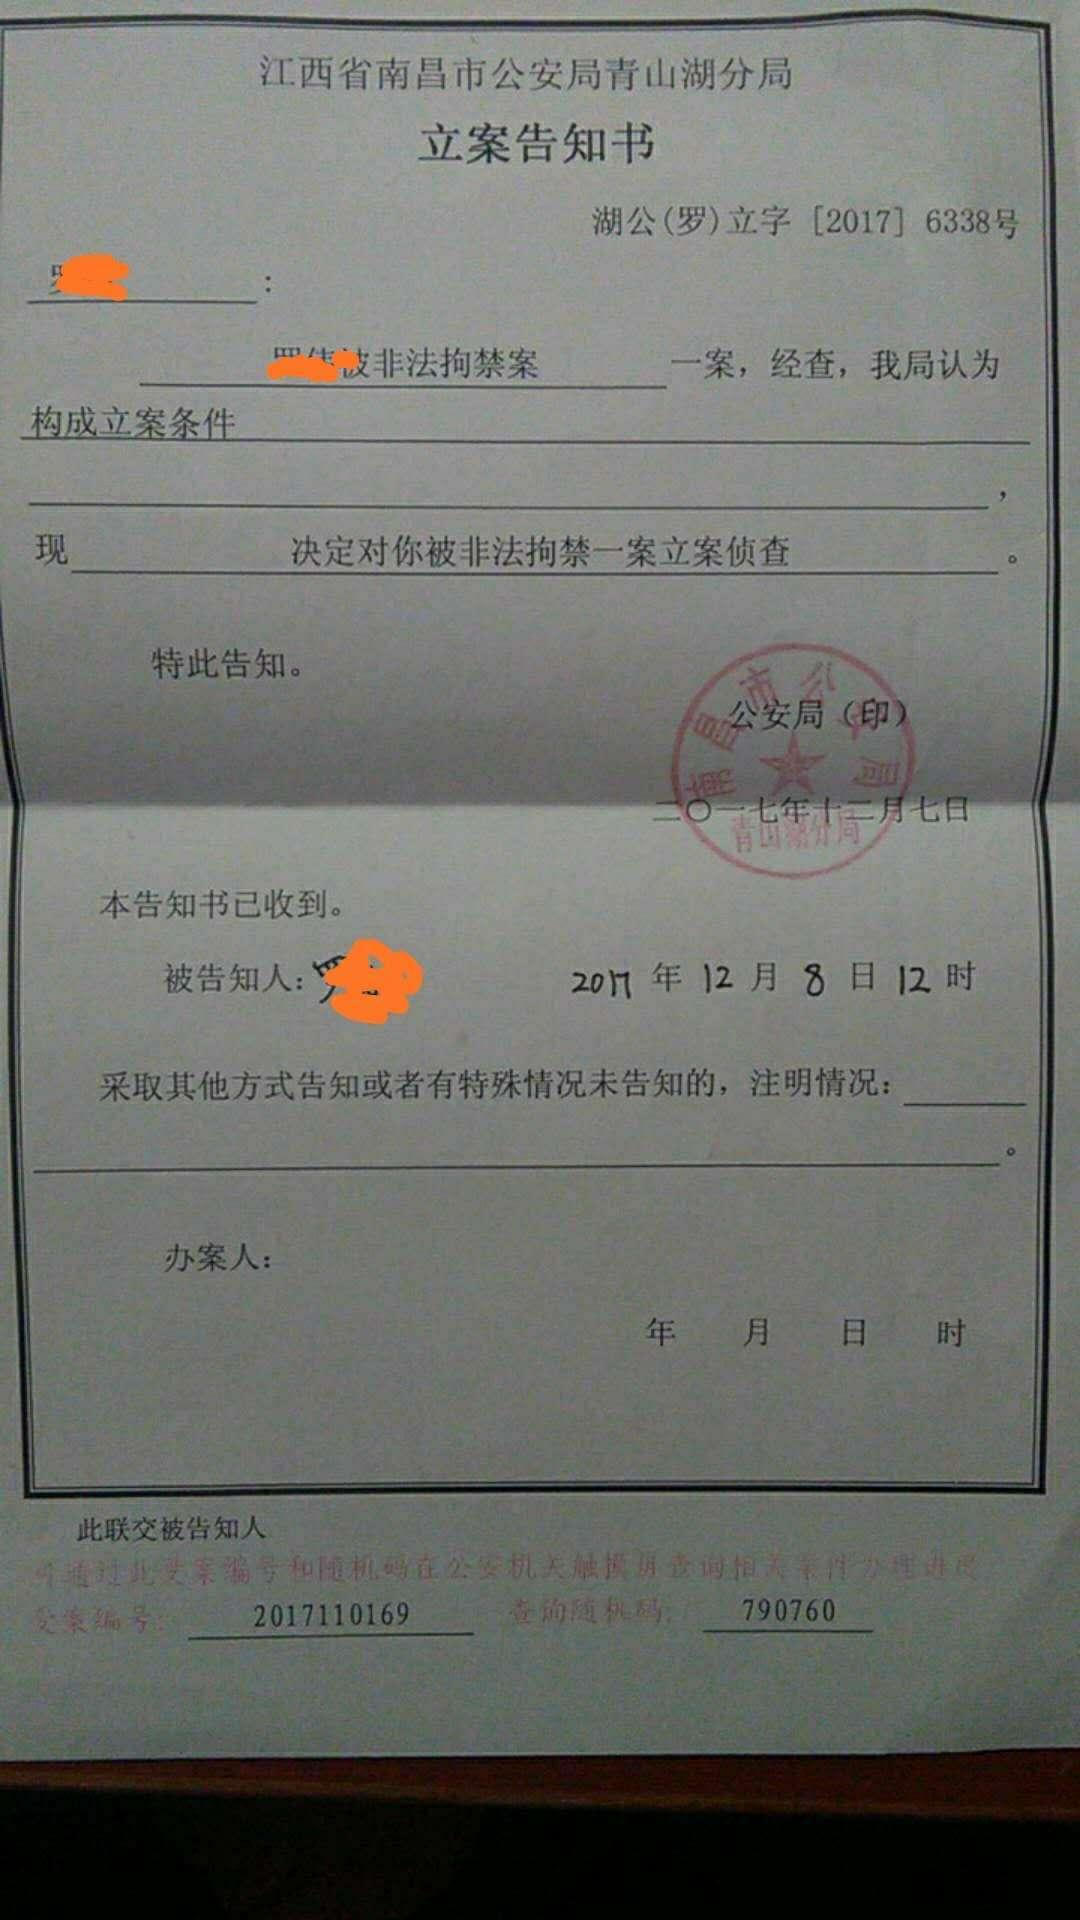 江西警方决定对豫章书院非法拘禁案立案侦查,举报者称曾被关小黑屋